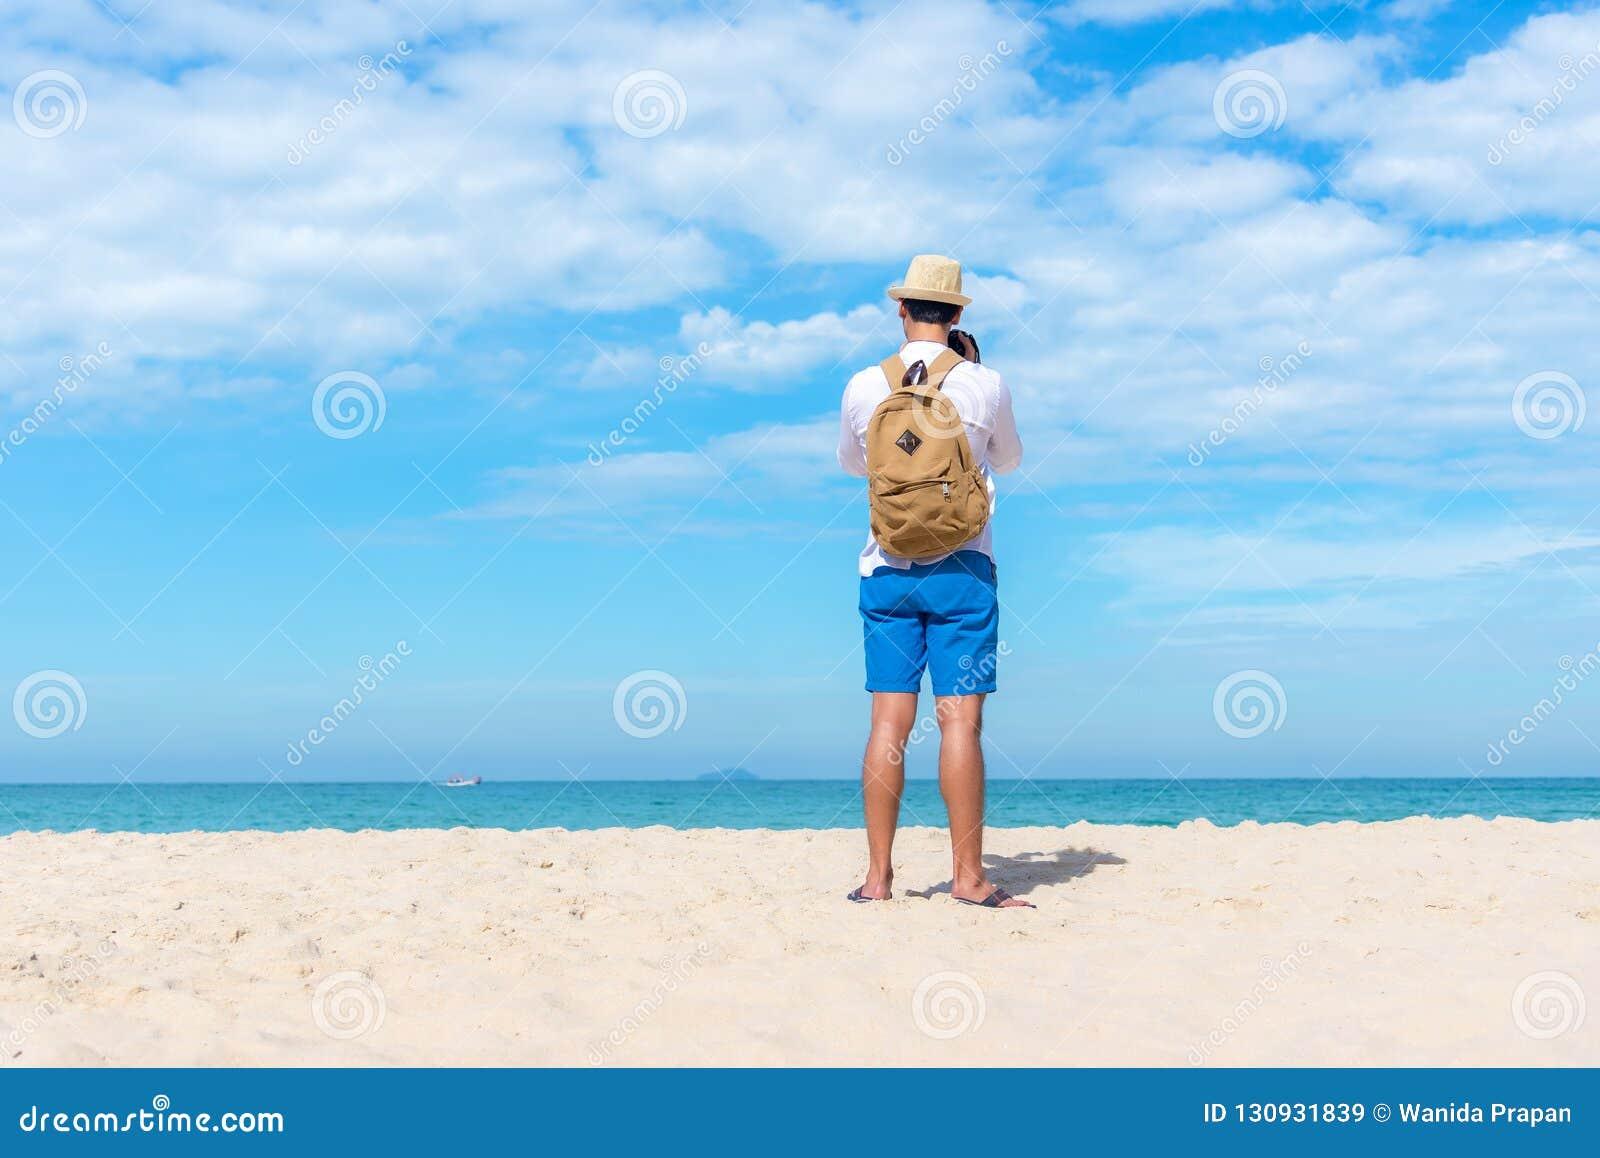 Field вал Счастливый усмехаясь кавказский туристский азиатский молодой человек держа камеру для принимает фото проверяет внутри н